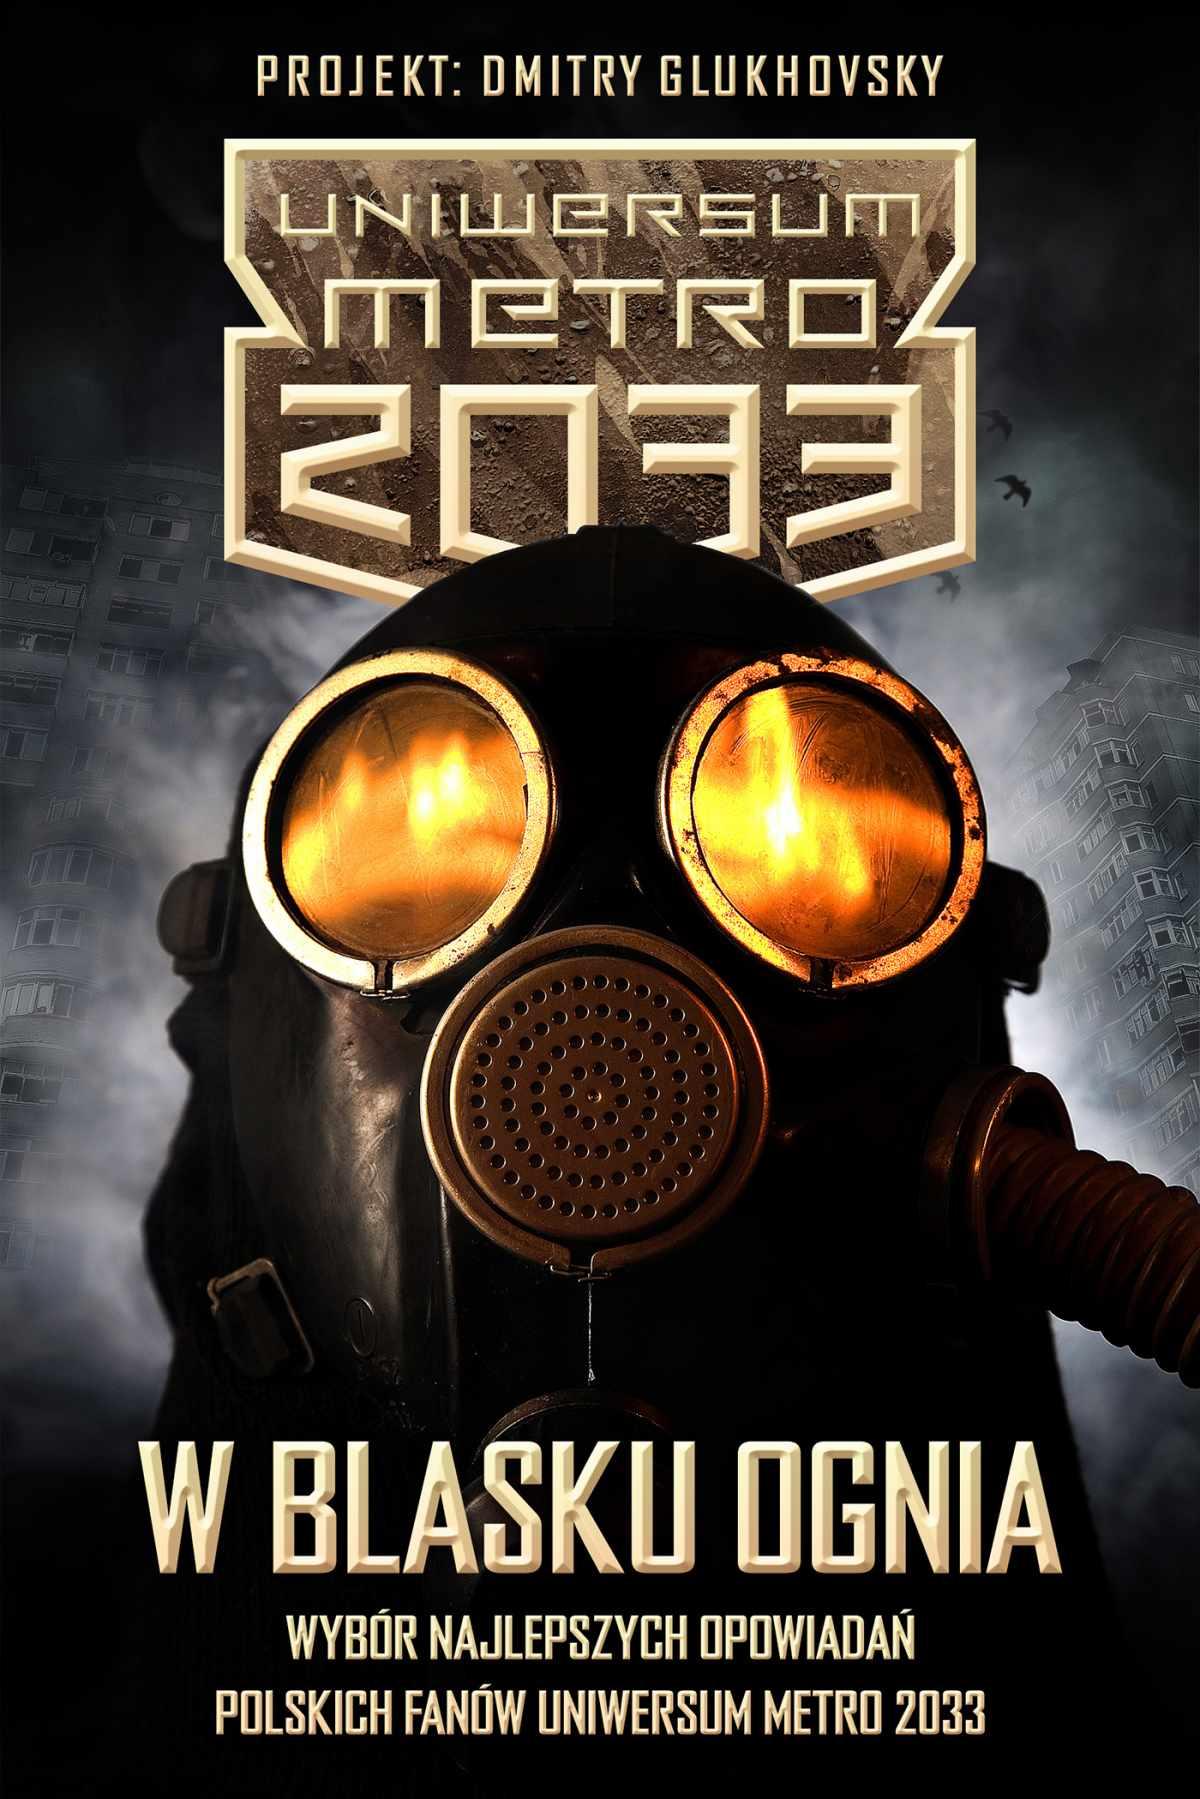 W blasku ognia (zbiór opowiadań polskich fanów Uniwersum Metro 2033) za darmo @ Virtualo